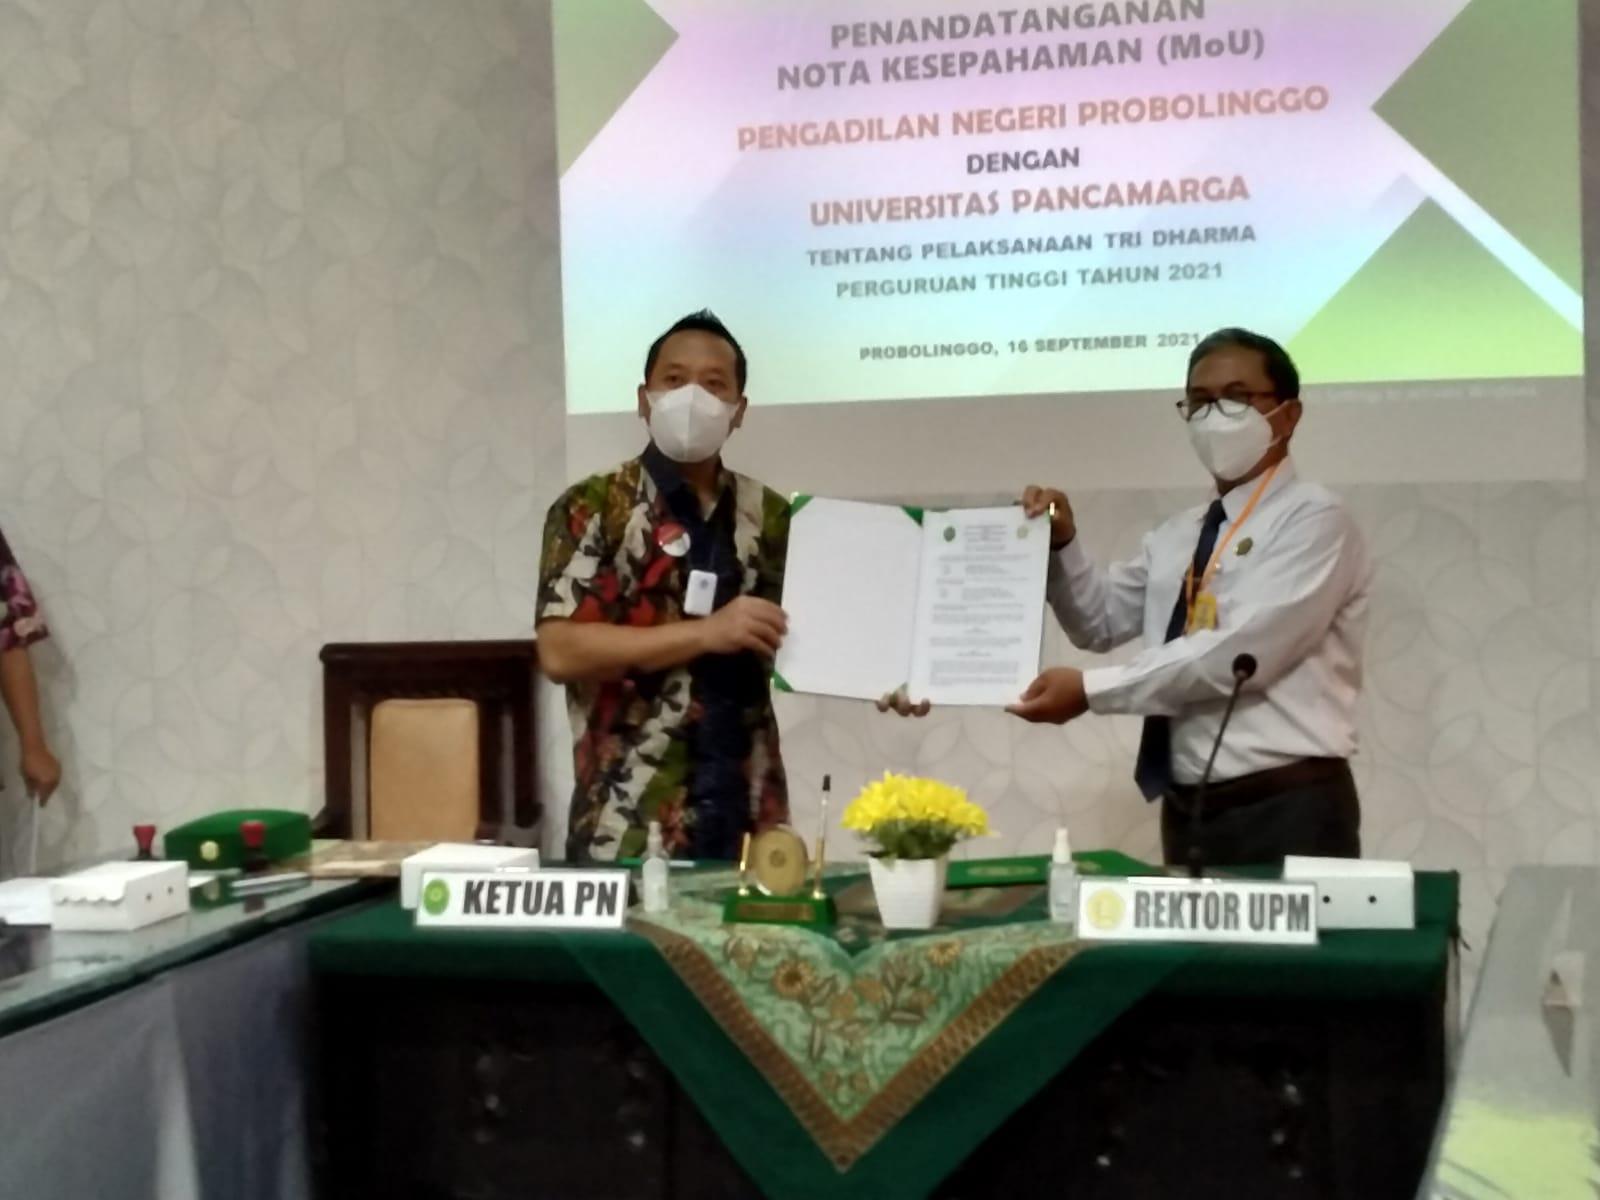 Penandatangan MoU antara UPM Probolinggo dengan Pengadilan Negeri Probolinggo